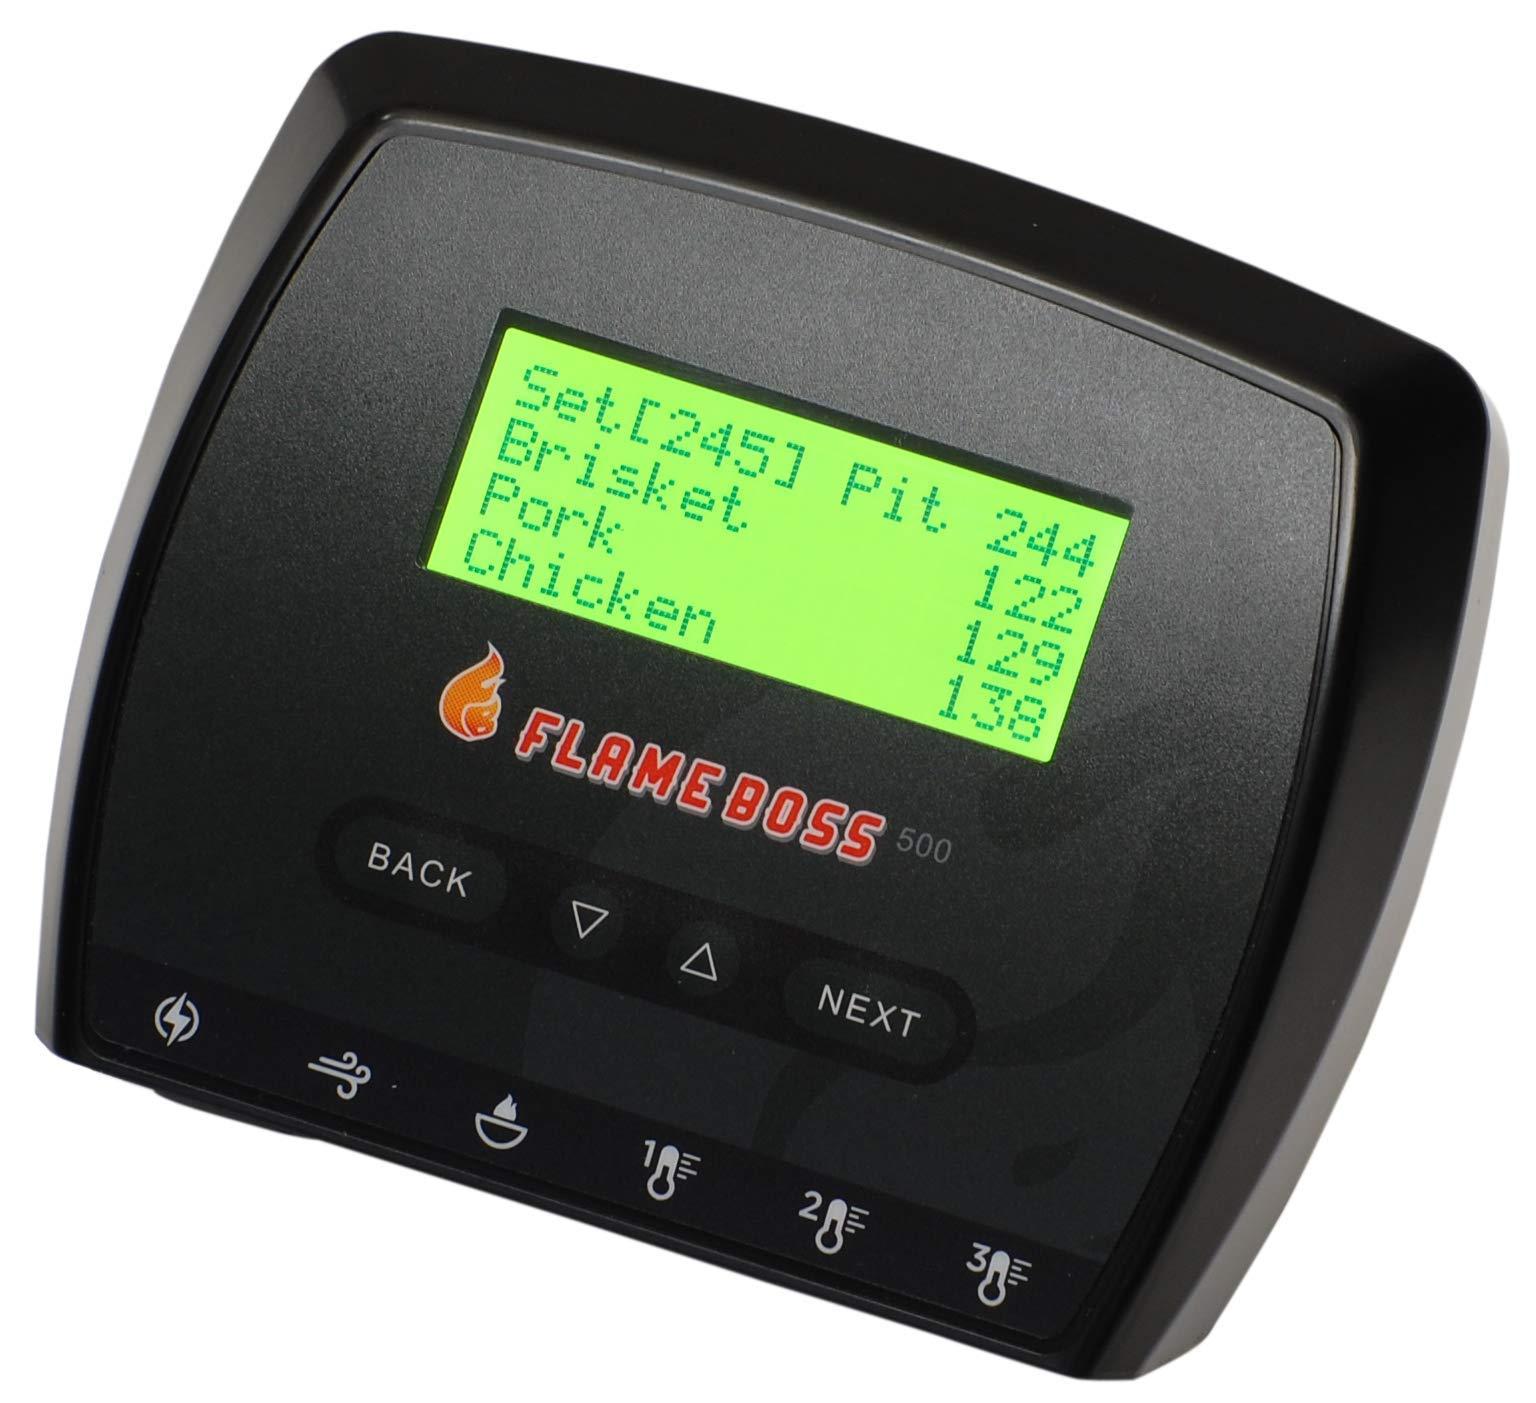 Flame Boss 500-WiFi Smoker Controller (Kamado) by Flame Boss